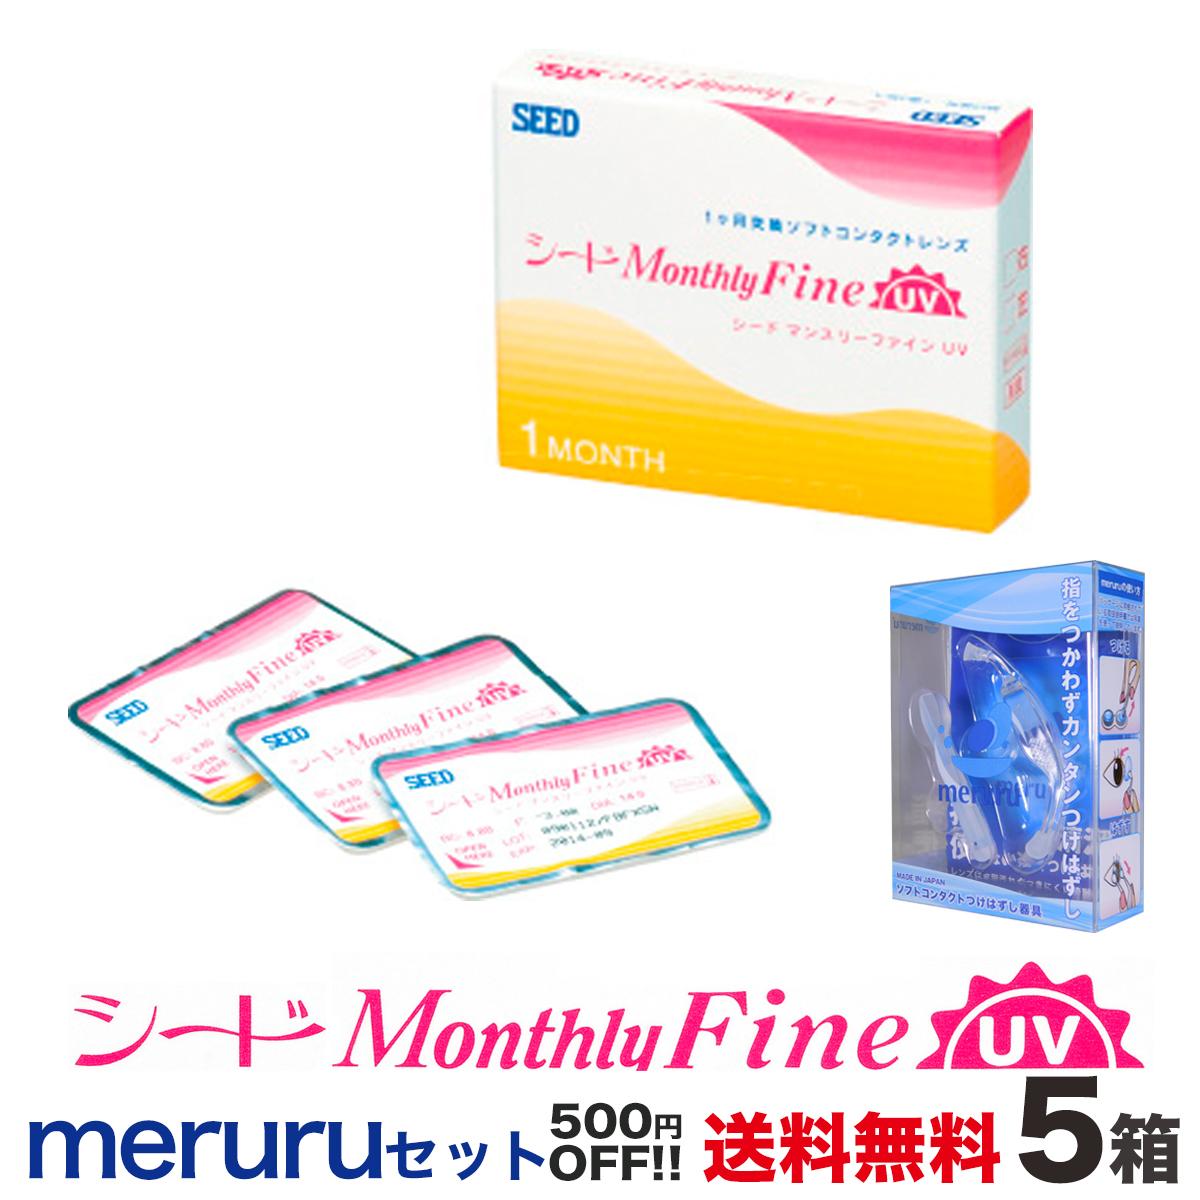 MonthlyFine UV 5箱+メルルセット 全国送料無料! セット購入で500円OFF! <1ヵ月交換タイプ ソフトコンタクトレンズ シード 1箱 3枚入り マンスリーファインUV>